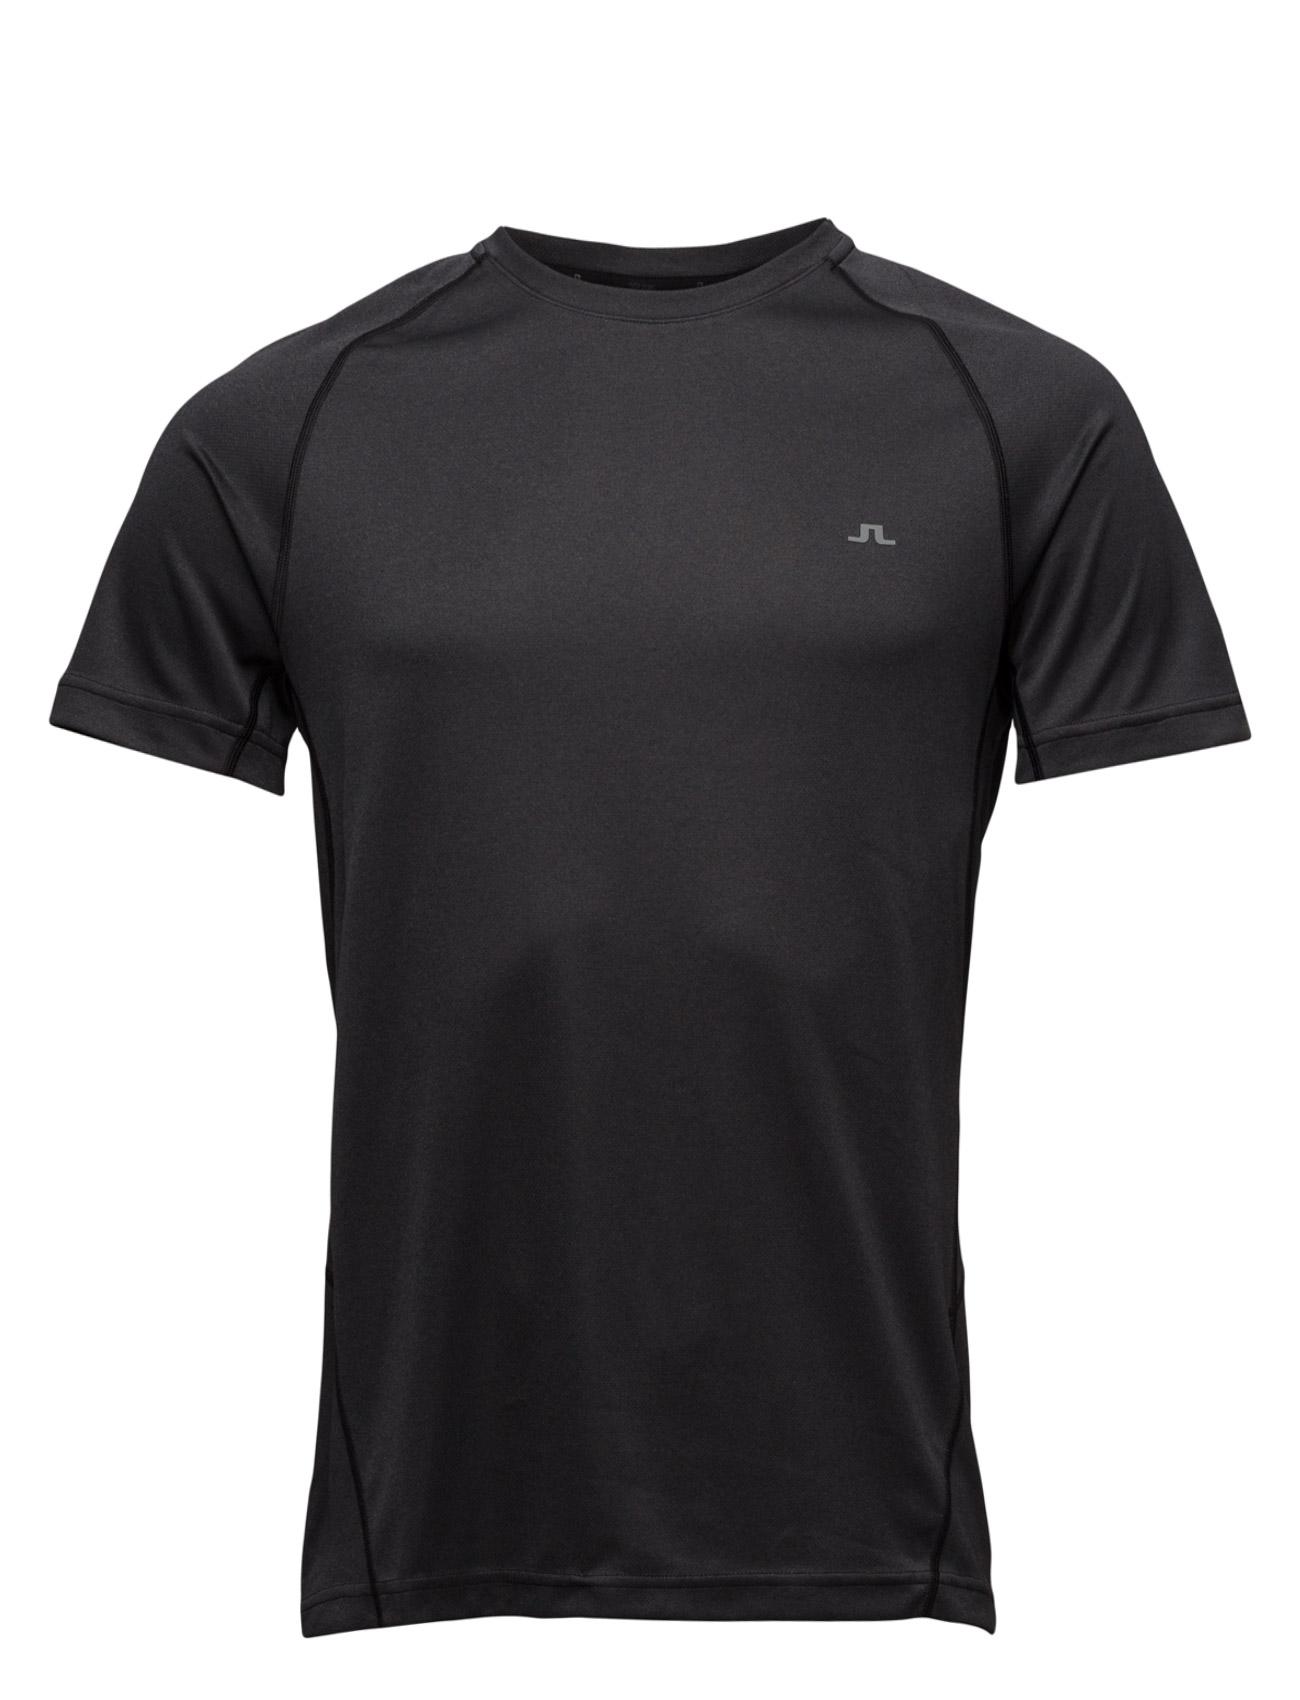 M Active T-Shirt Elements Jer. J. Lindeberg Sports toppe til Mænd i